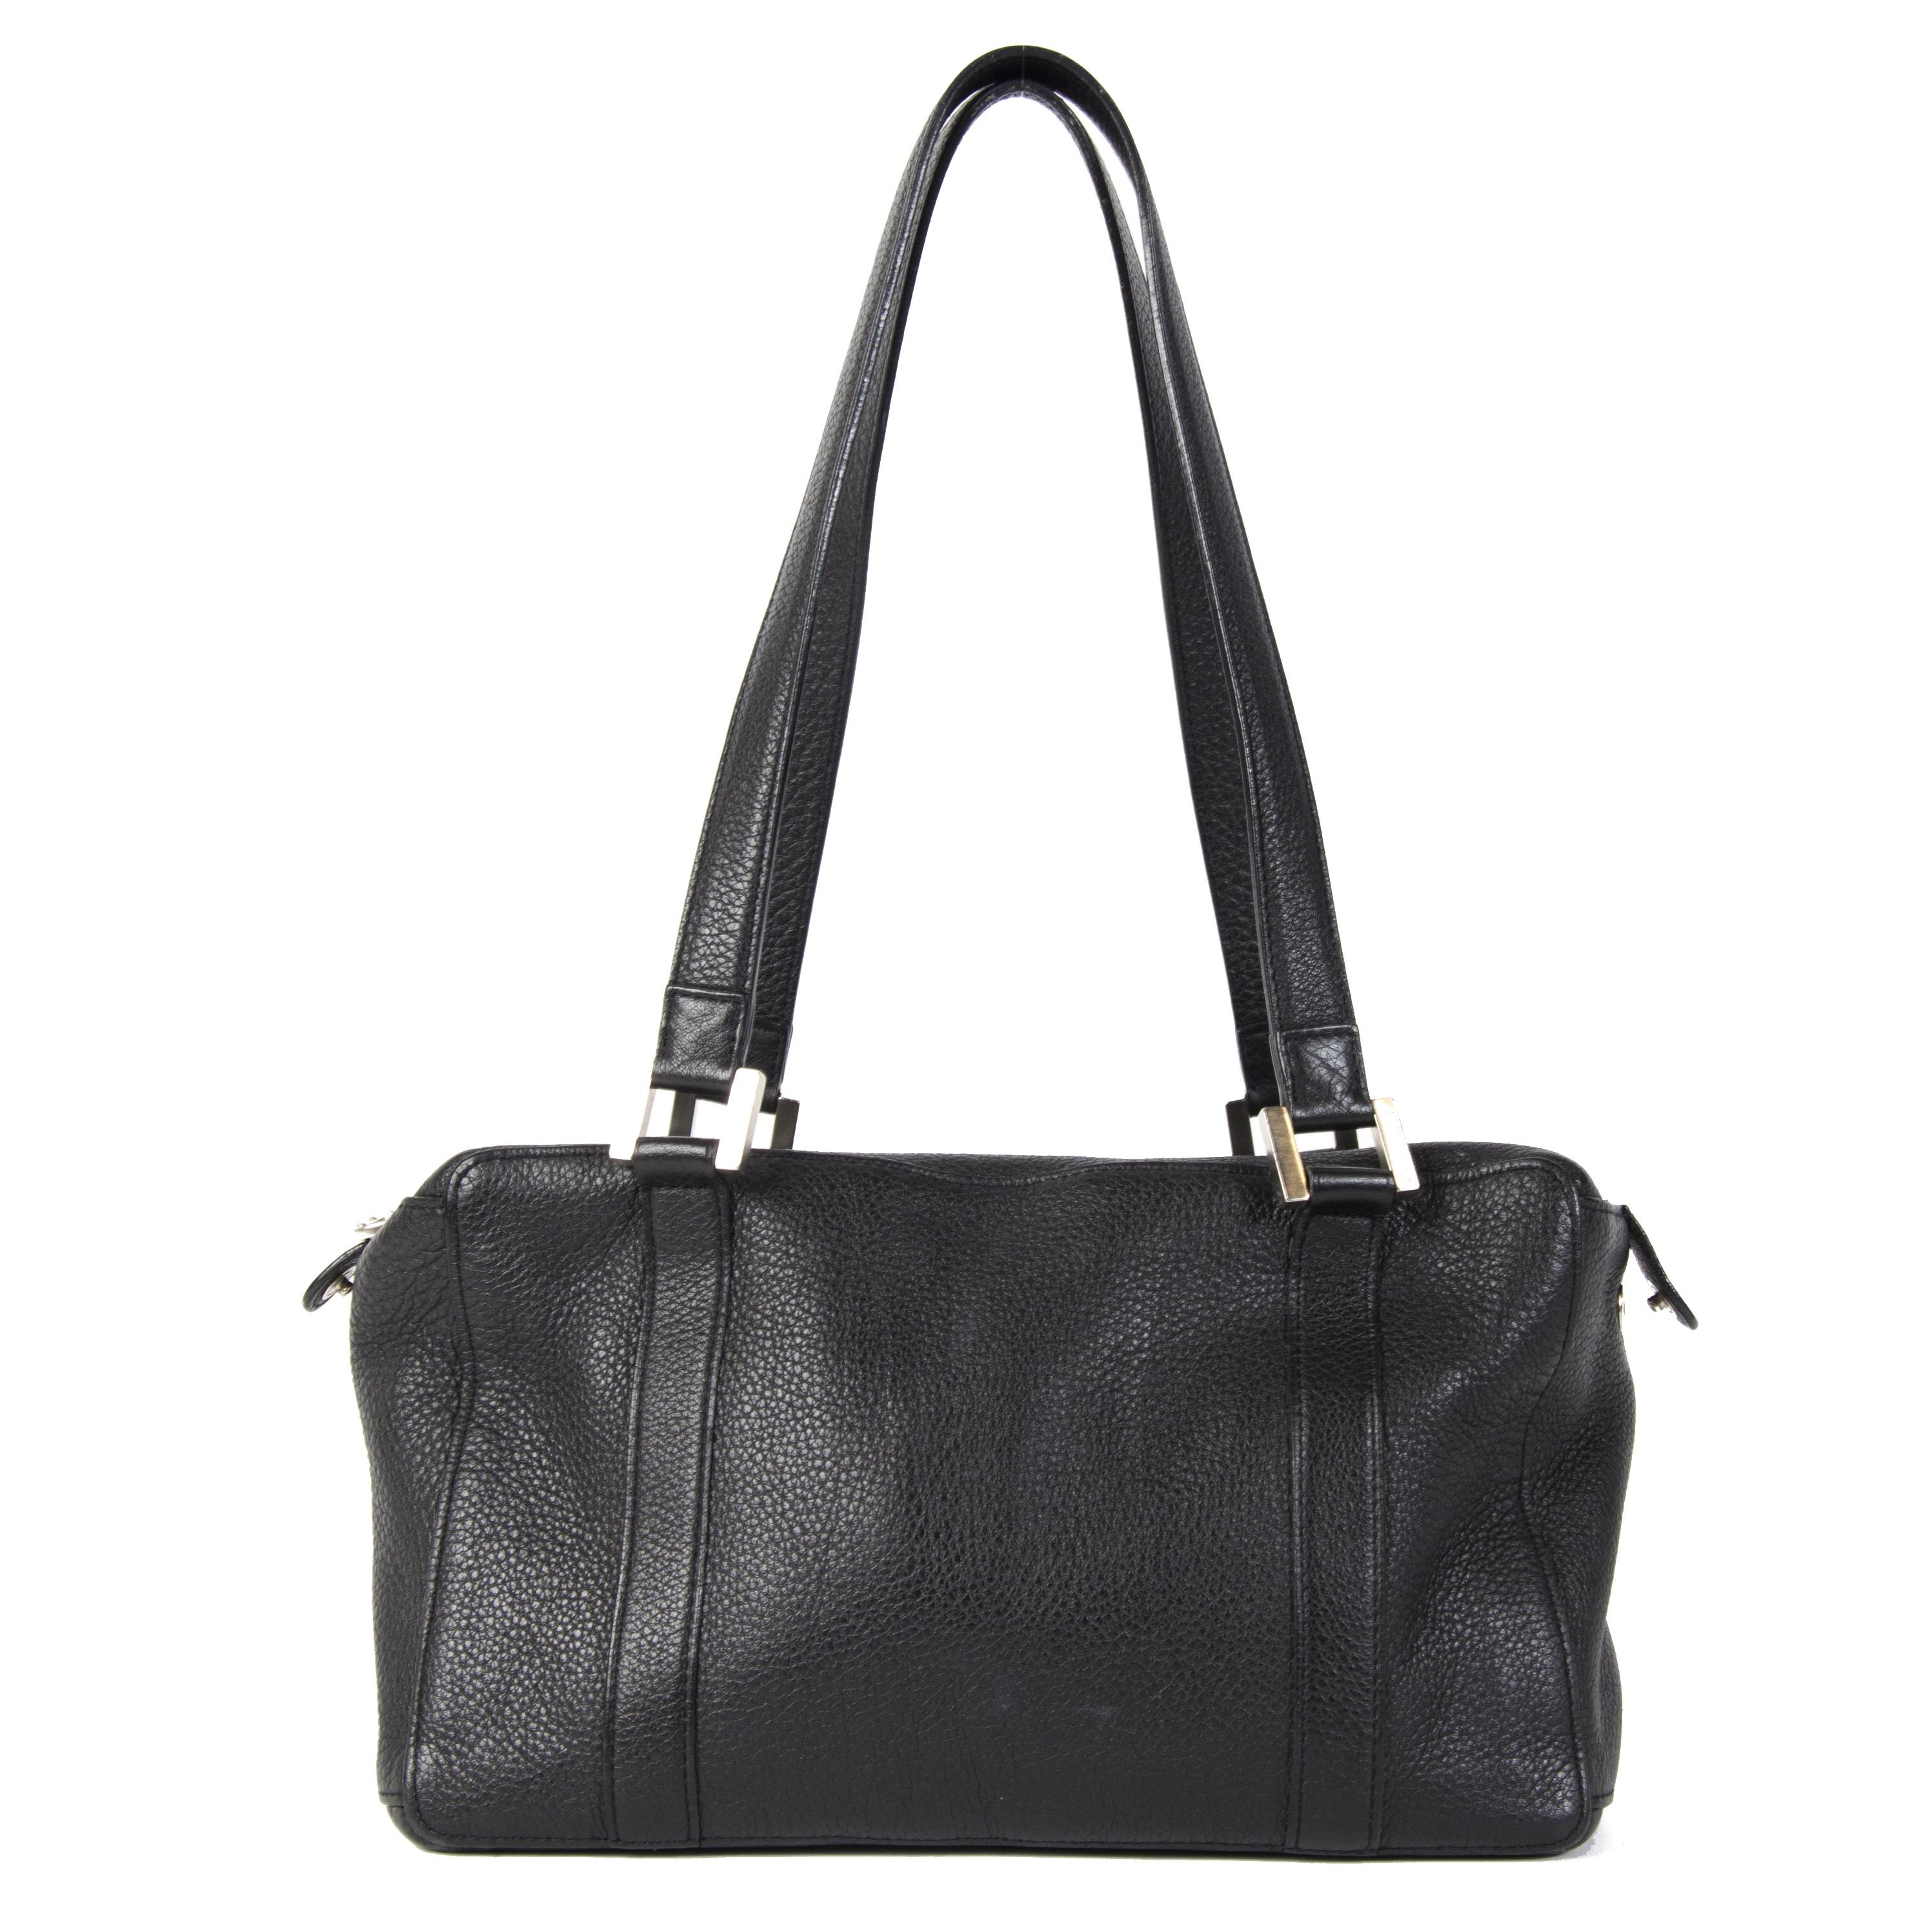 Authentieke Tweedehands Delvaux Black Leather Front Pockets Shoulder Bag juiste prijs veilig online shoppen luxe merken webshop winkelen Antwerpen België mode fashion